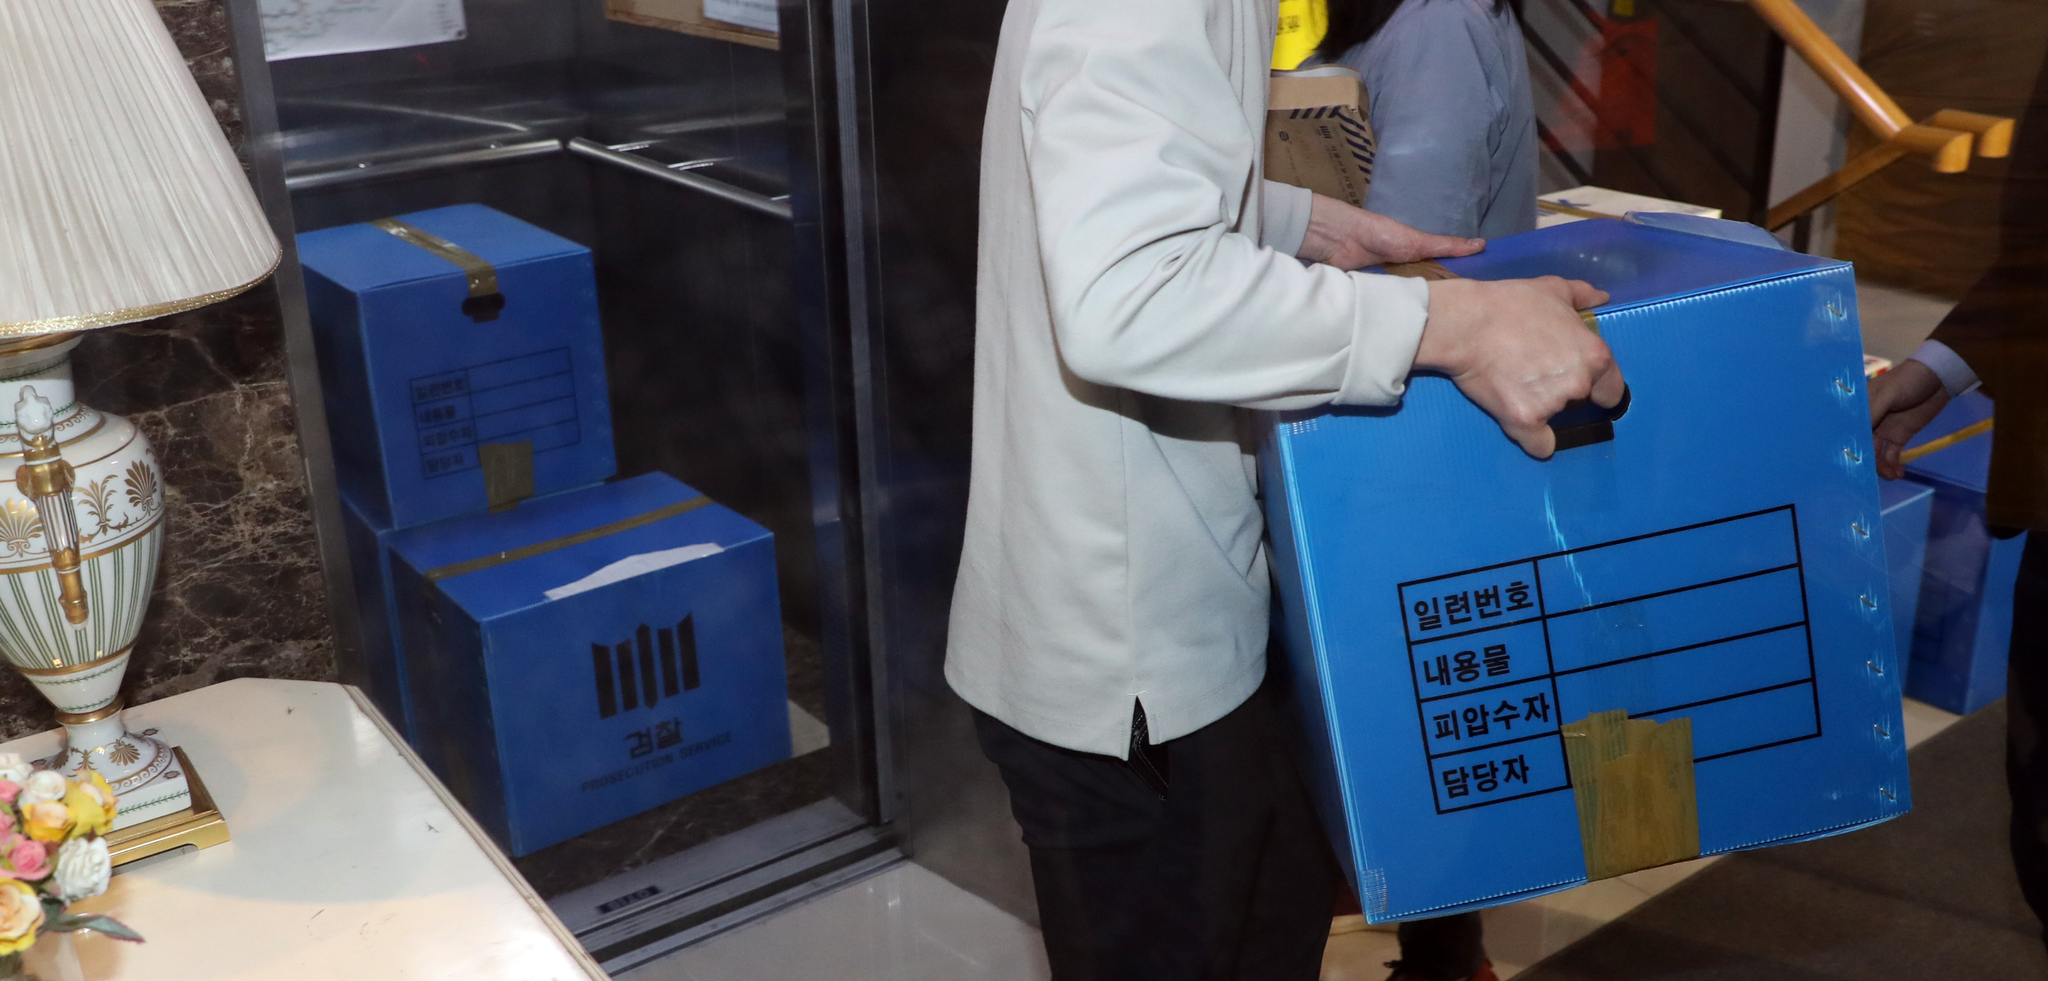 21일 마포구 정의기억연대 사무실에서 검찰이 압수수색 물품을 옮기고 있다. 검찰은 부실회계·안성 쉼터 고가 매입 의혹과 관련해 정의기억연대를 압수수색했다. 연합뉴스